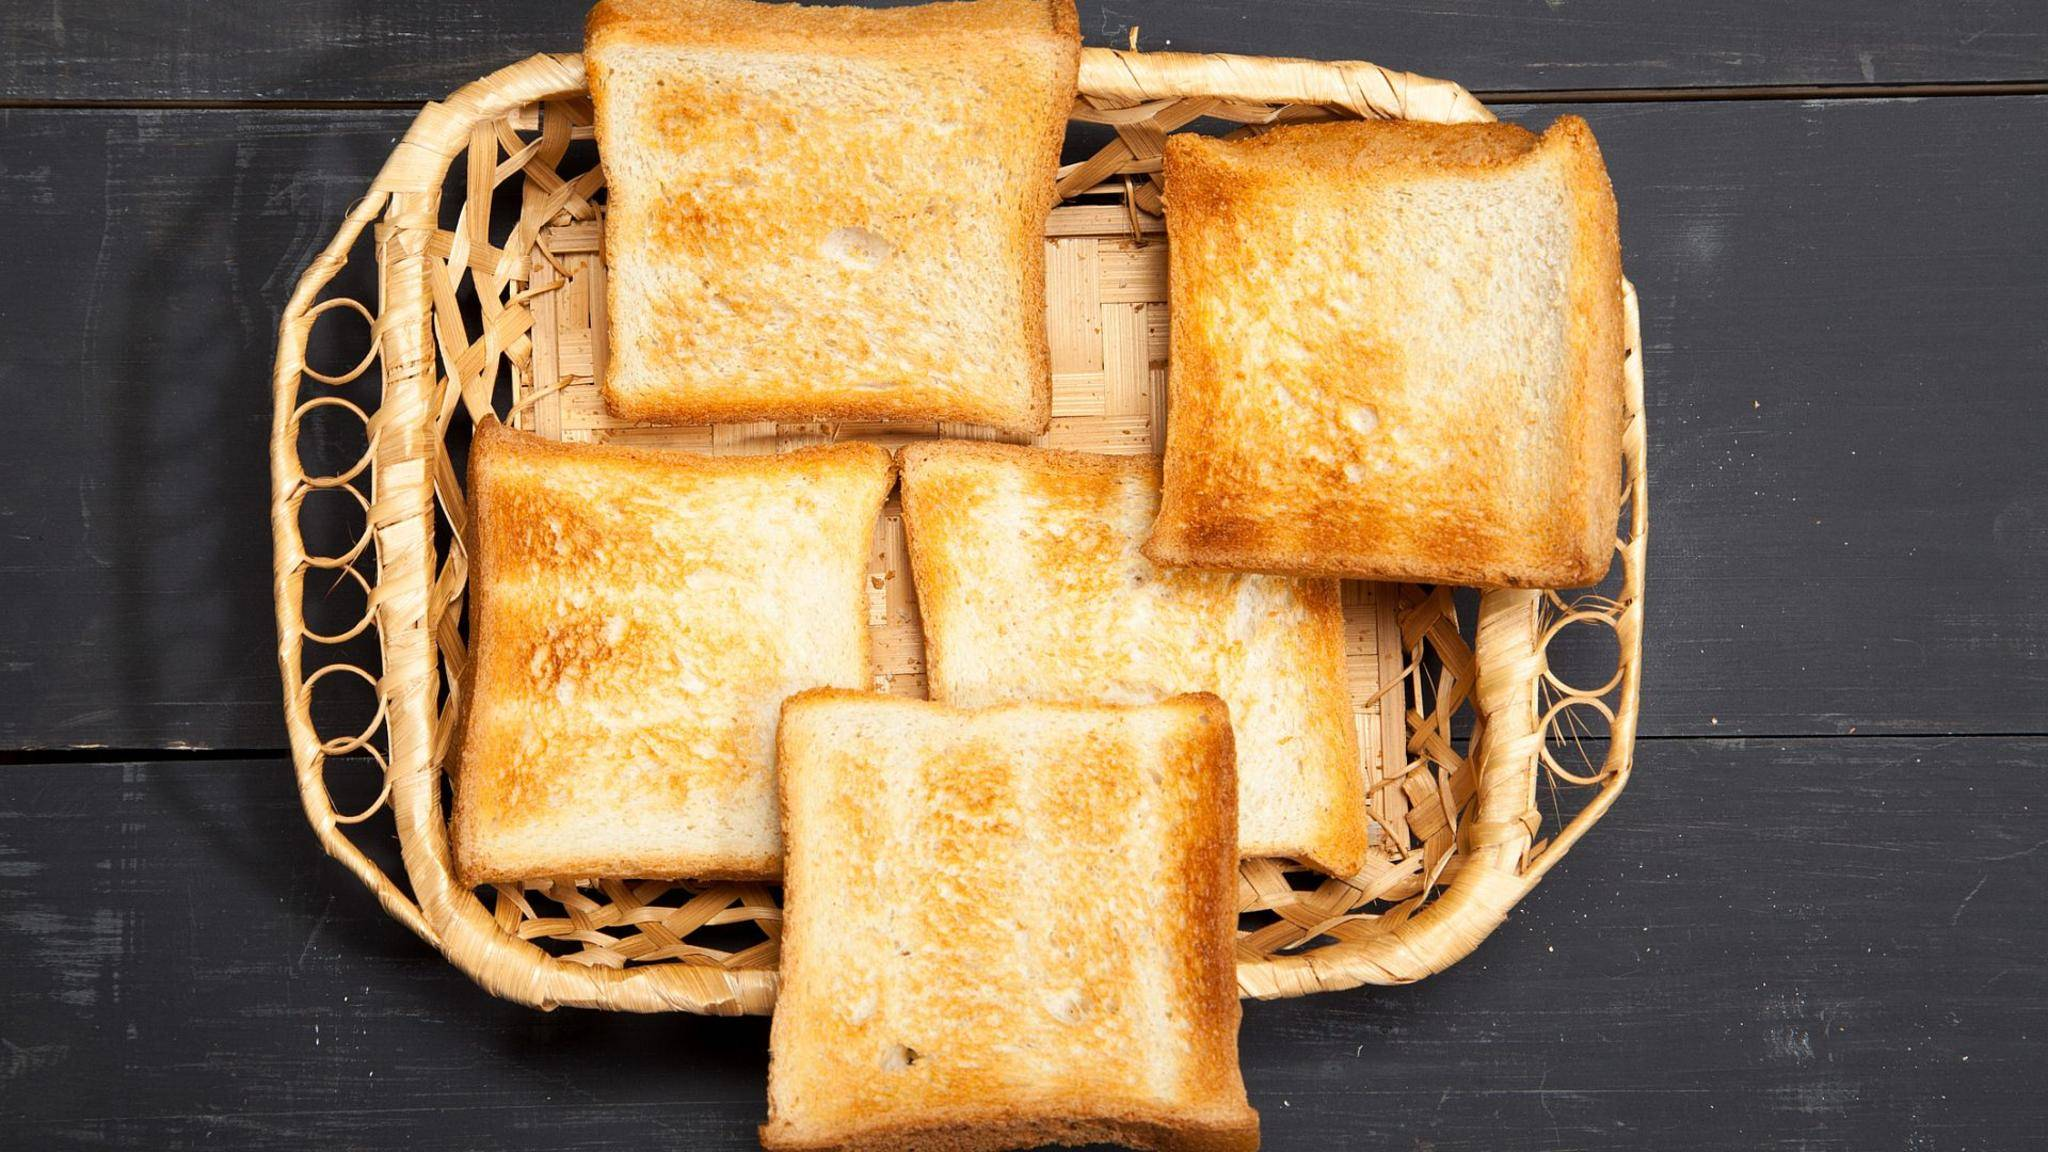 Nach Ansicht der FSA sollte Toast lieber goldfarben denn braun sein.